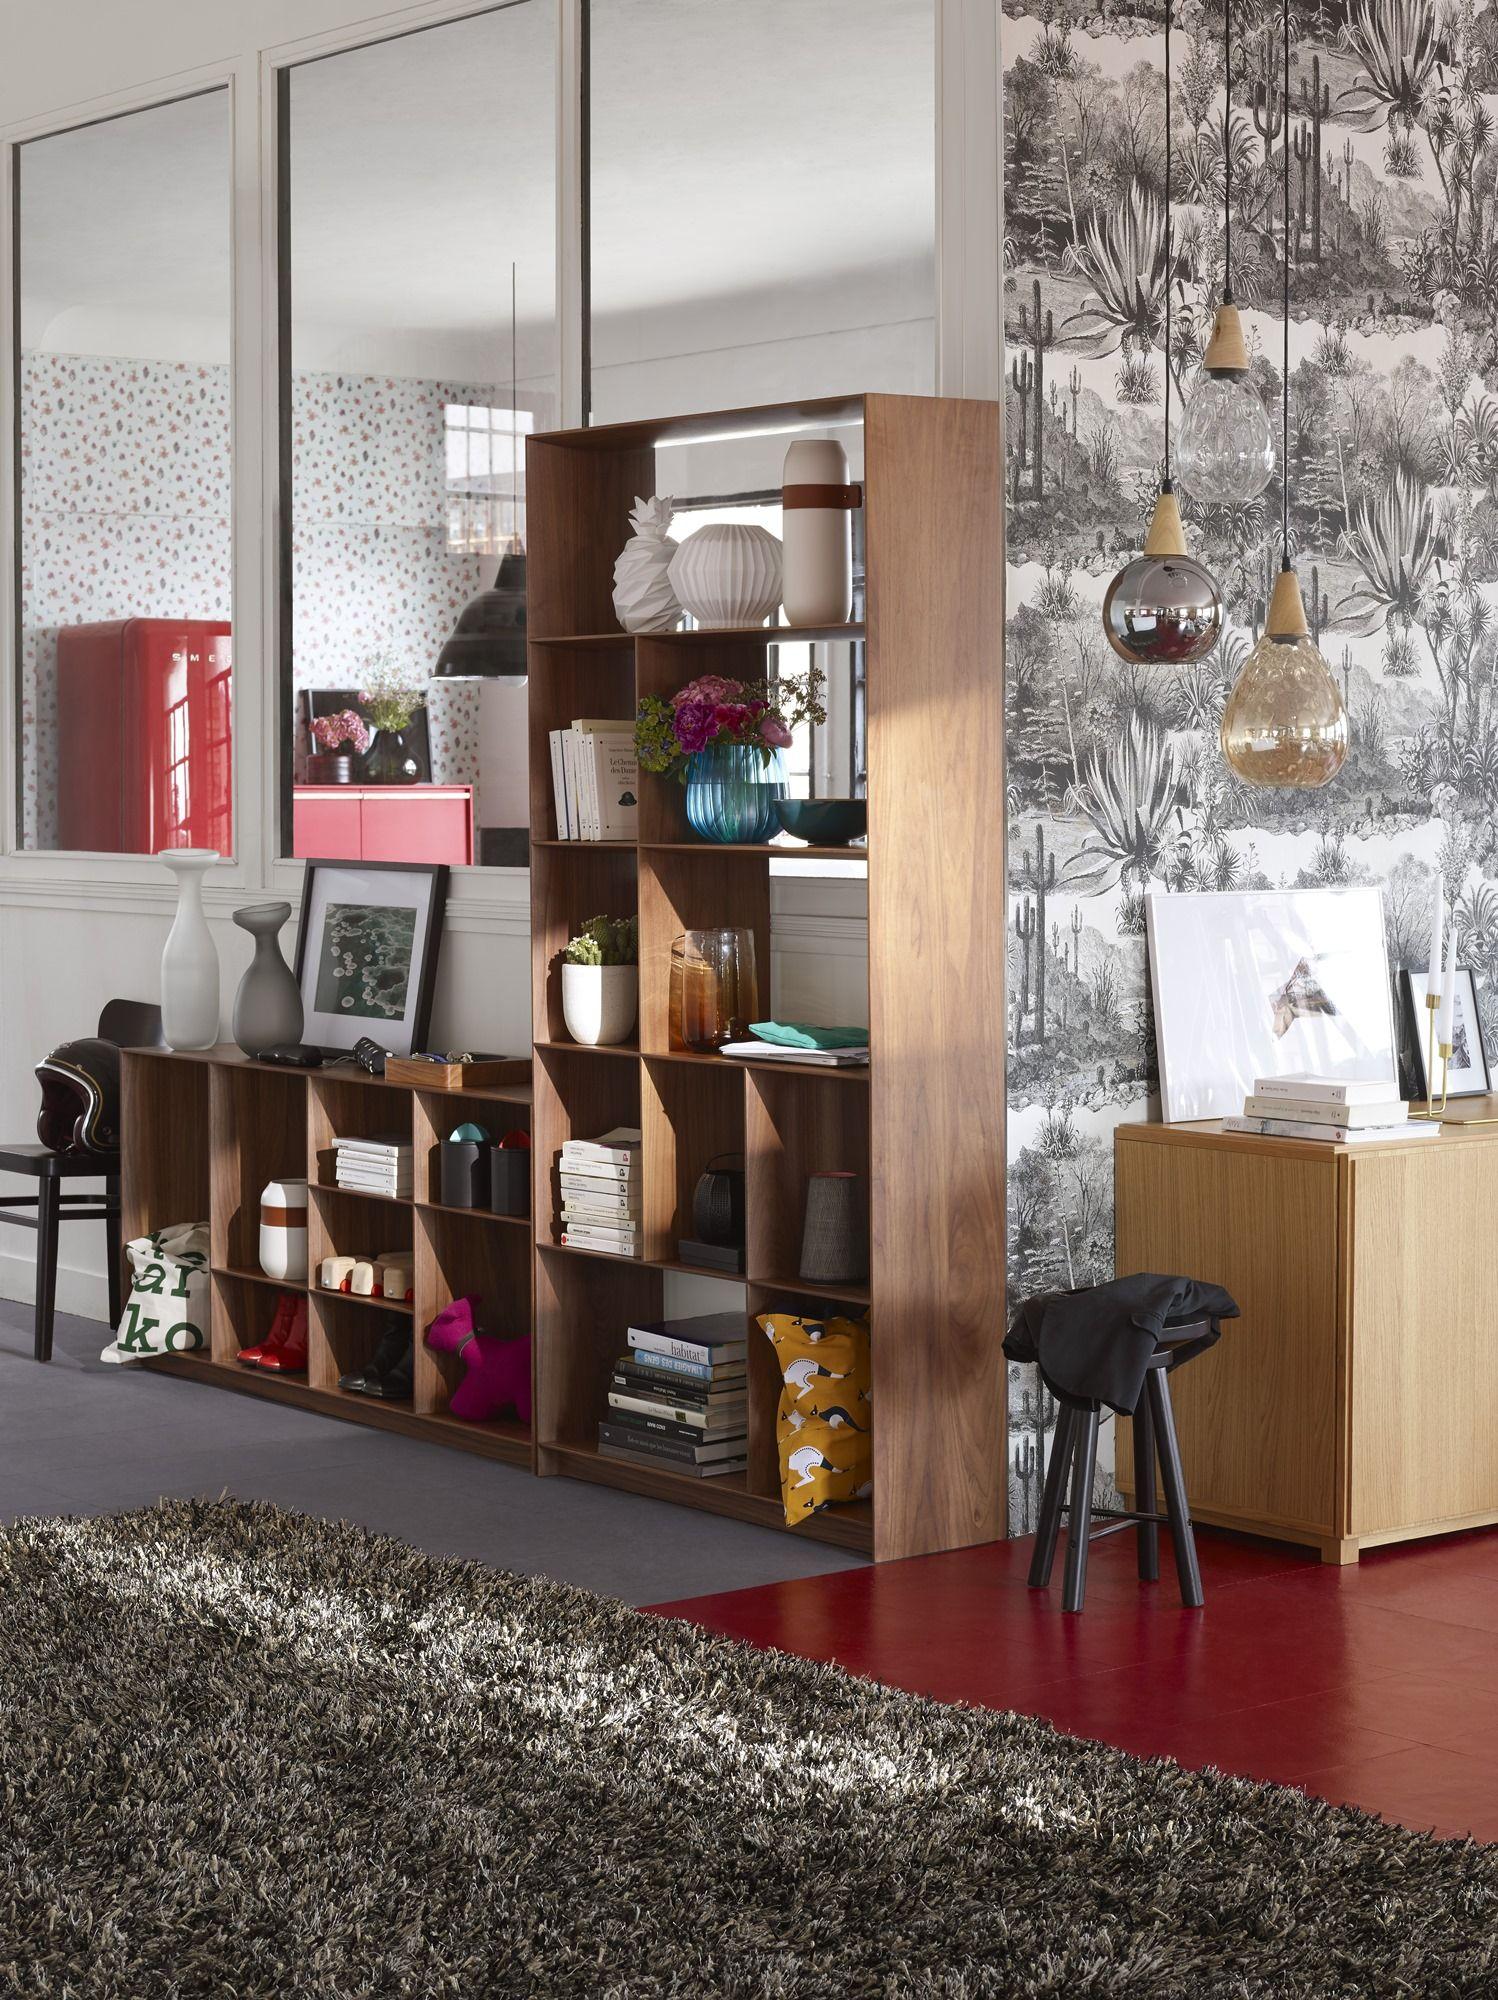 Habitat Catalogue L 39 Art De Recevoir Etagere Habitat Etageres Hautes Decoration Maison